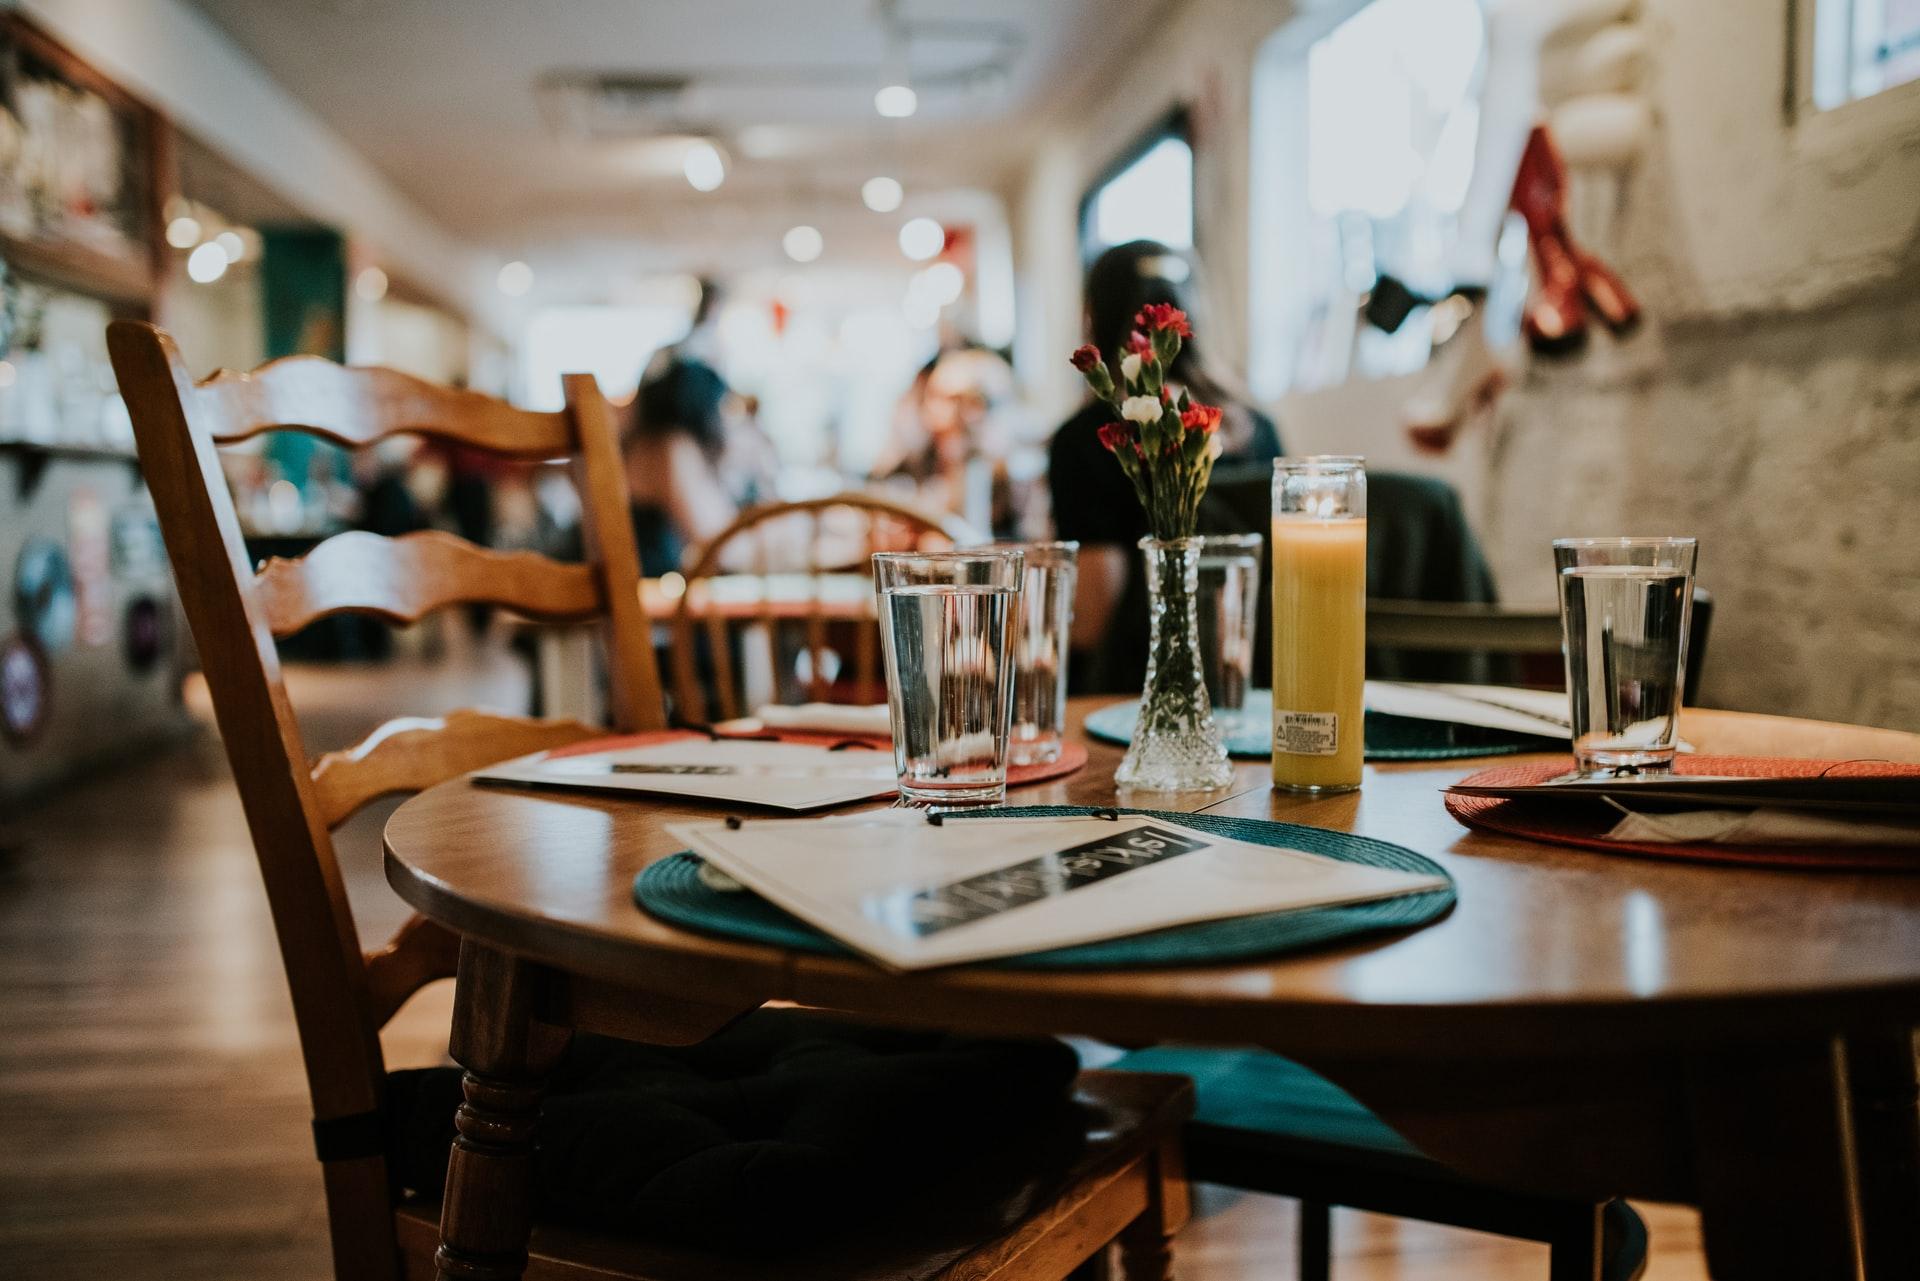 Riapertura, ristoratori pronti tra dubbi e incertezze